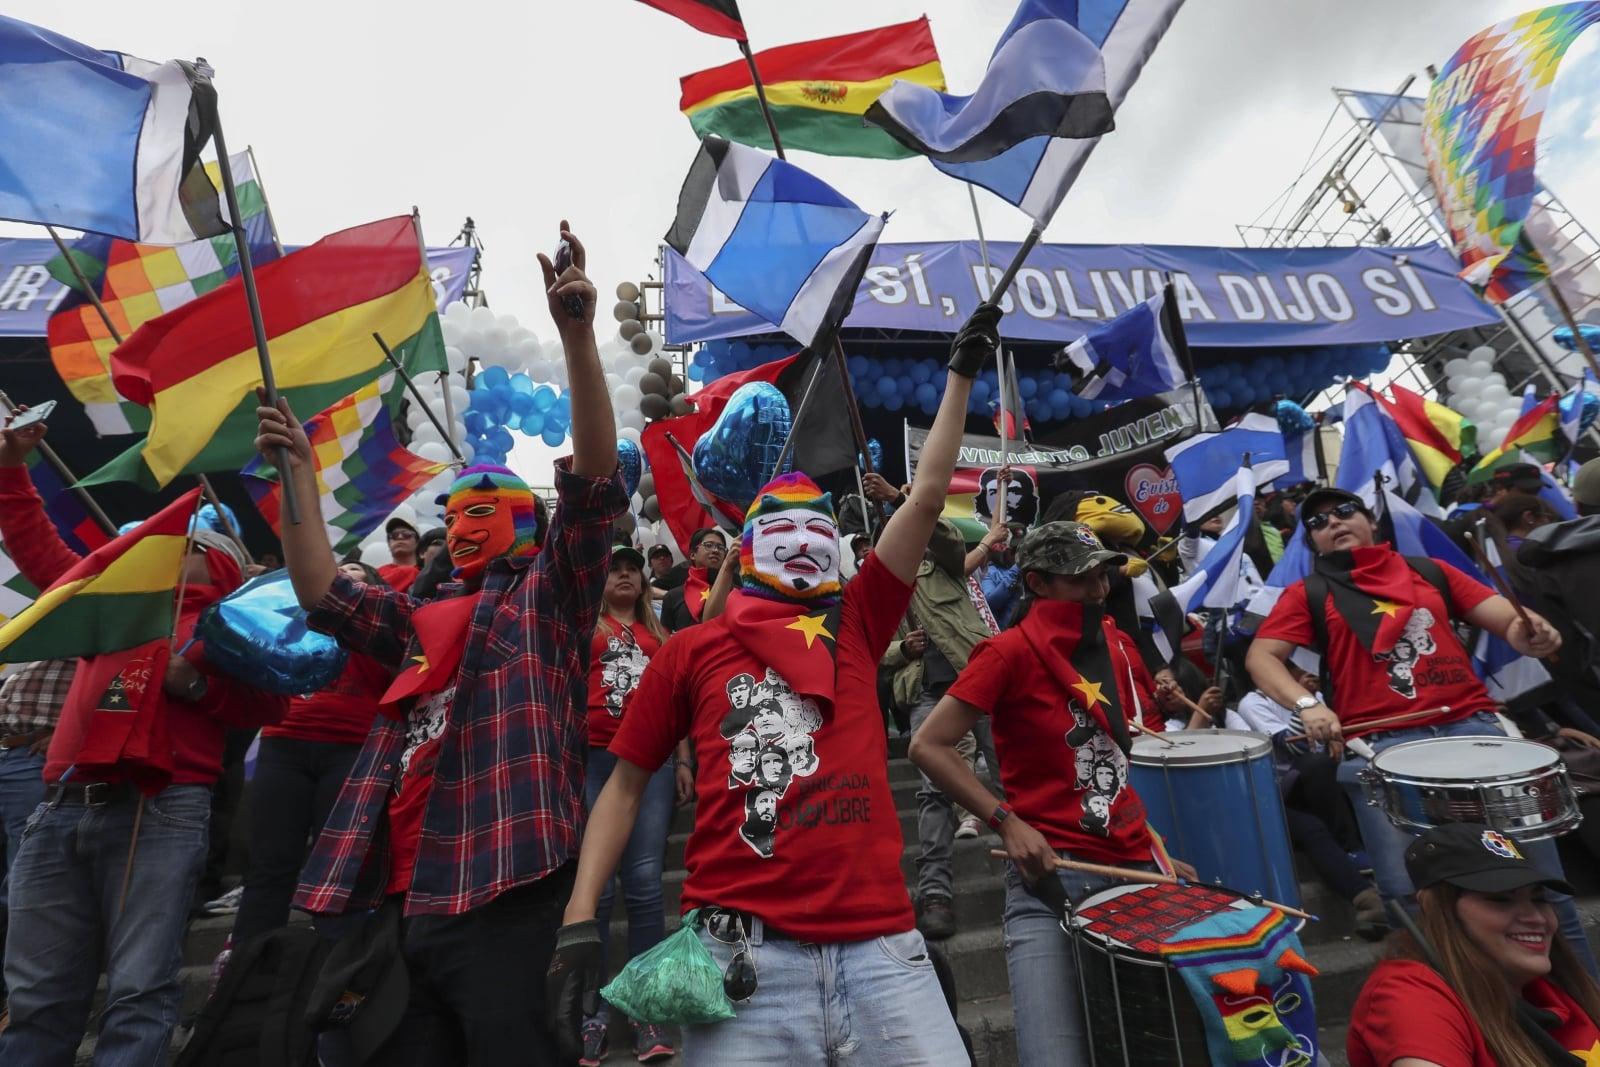 Zwolennicy prezydenta Evo Moralesa w trakcie manifestacji wsparcia, La Paz, Boliwia.